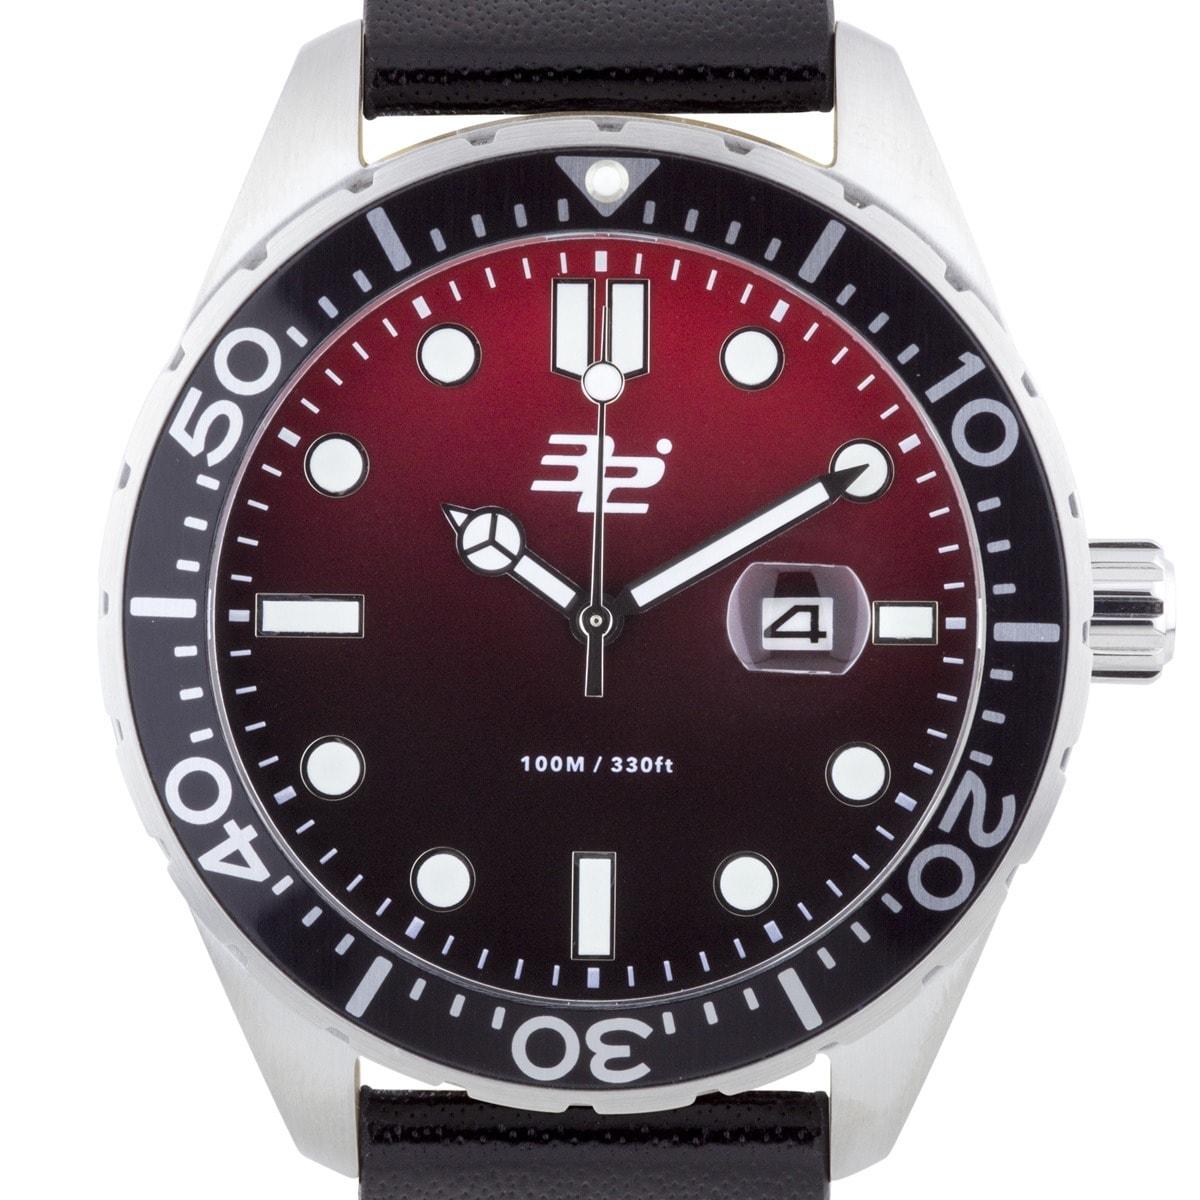 32 Degrees Aquada Men's Diver Watch (Silver-Tone), Red, S...